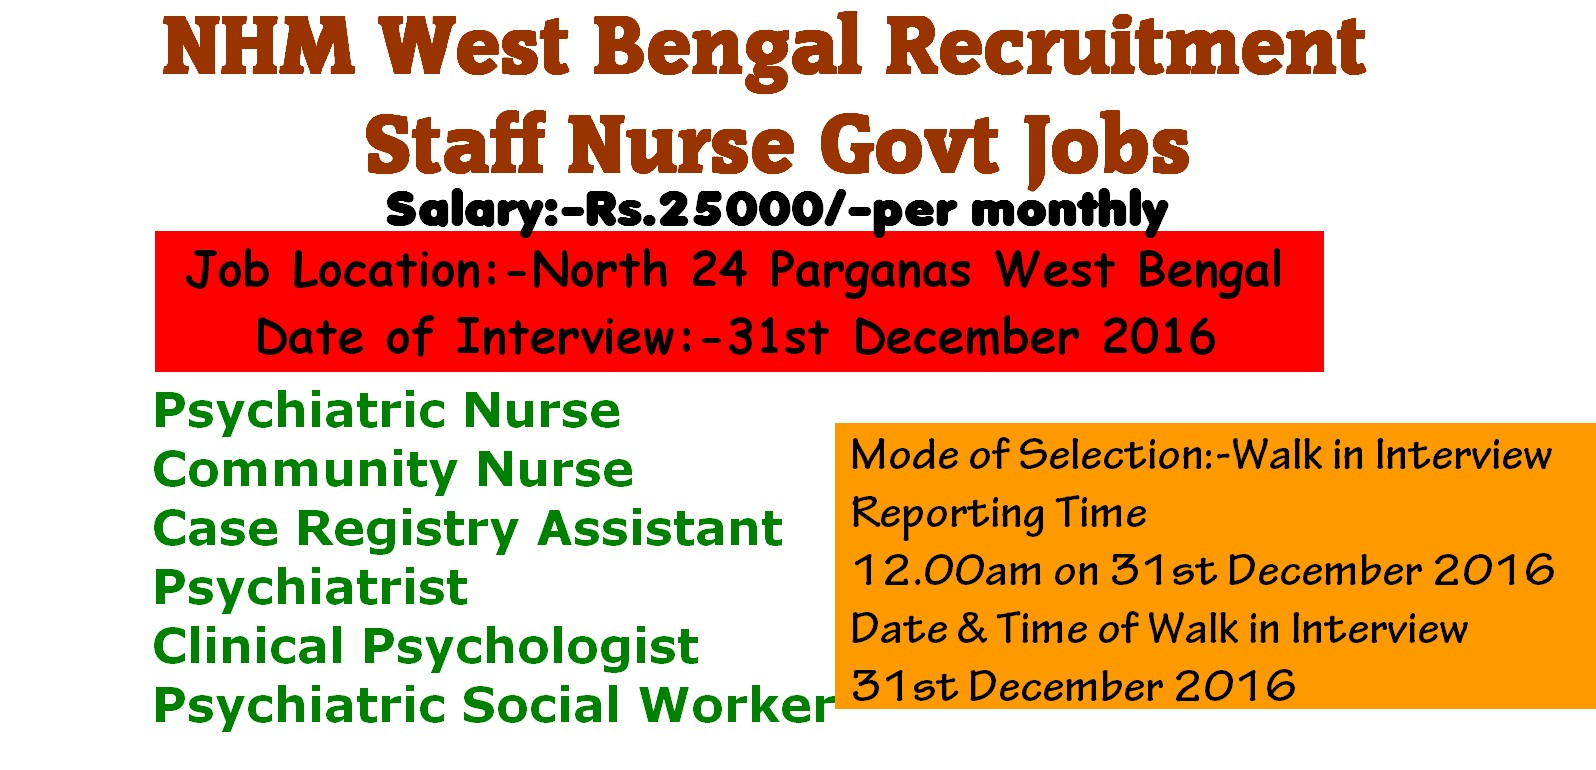 nurses job vacancy nhm west bengal recruitment latest nhm west bengal recruitment 2017 latest staff nurse govt jobs